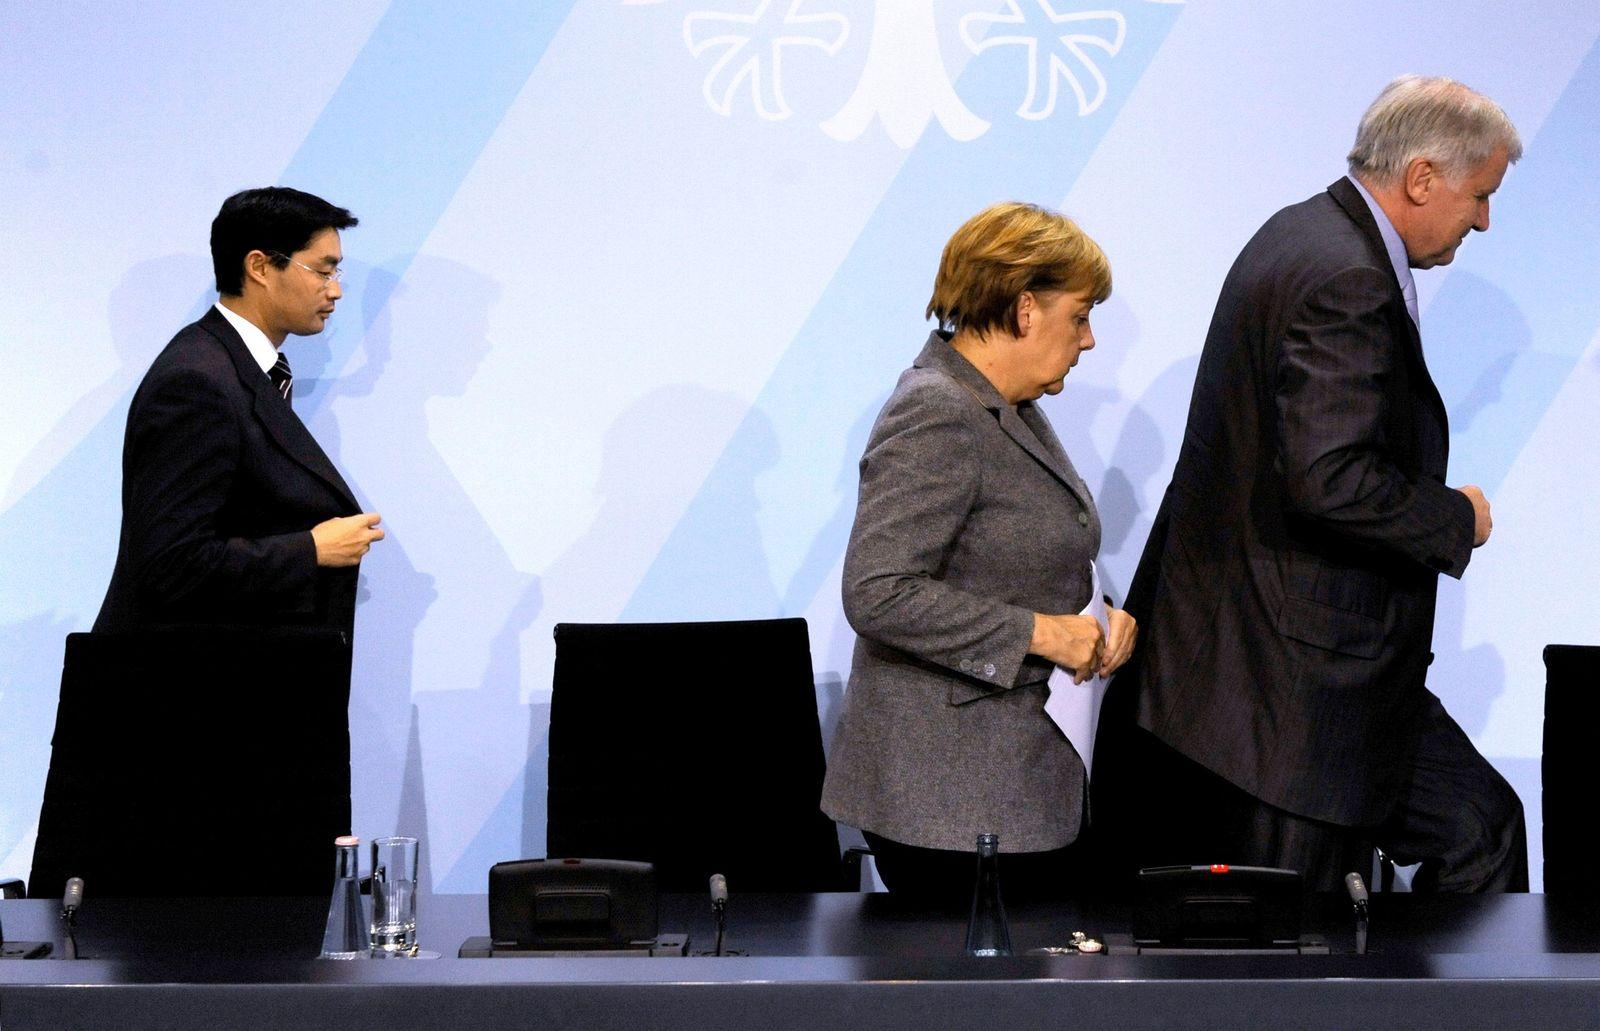 Rösler / Merkel / Seehofer